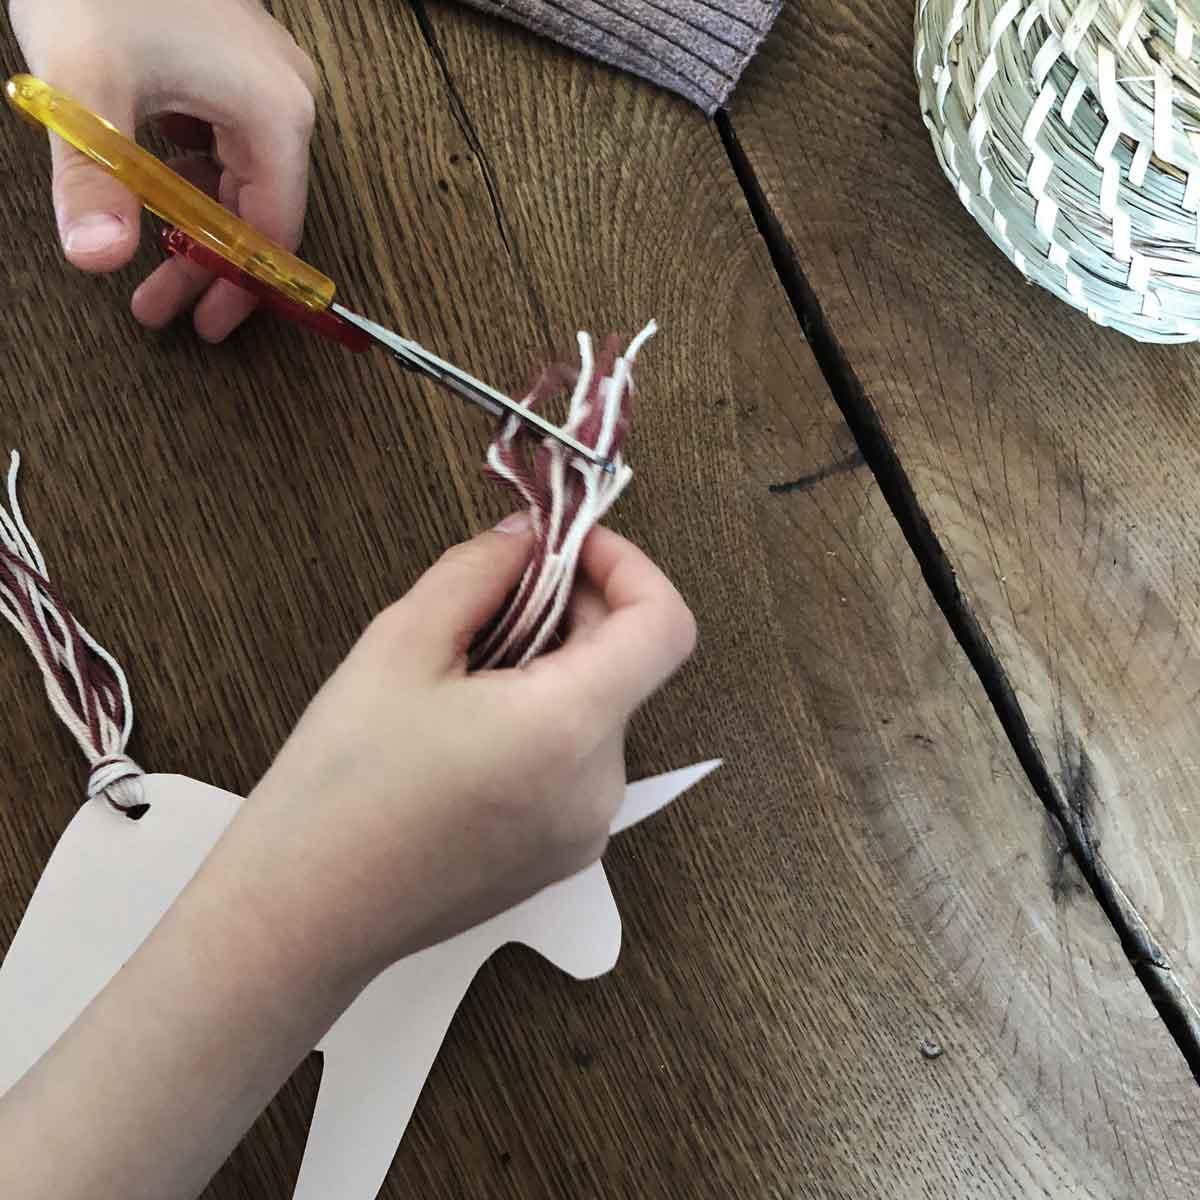 Einladung Geburtstag Einhorn basteln Kind leicht Papier - Kindergeburtstag | Von Einhörnern und dem Warten auf den großen Tag